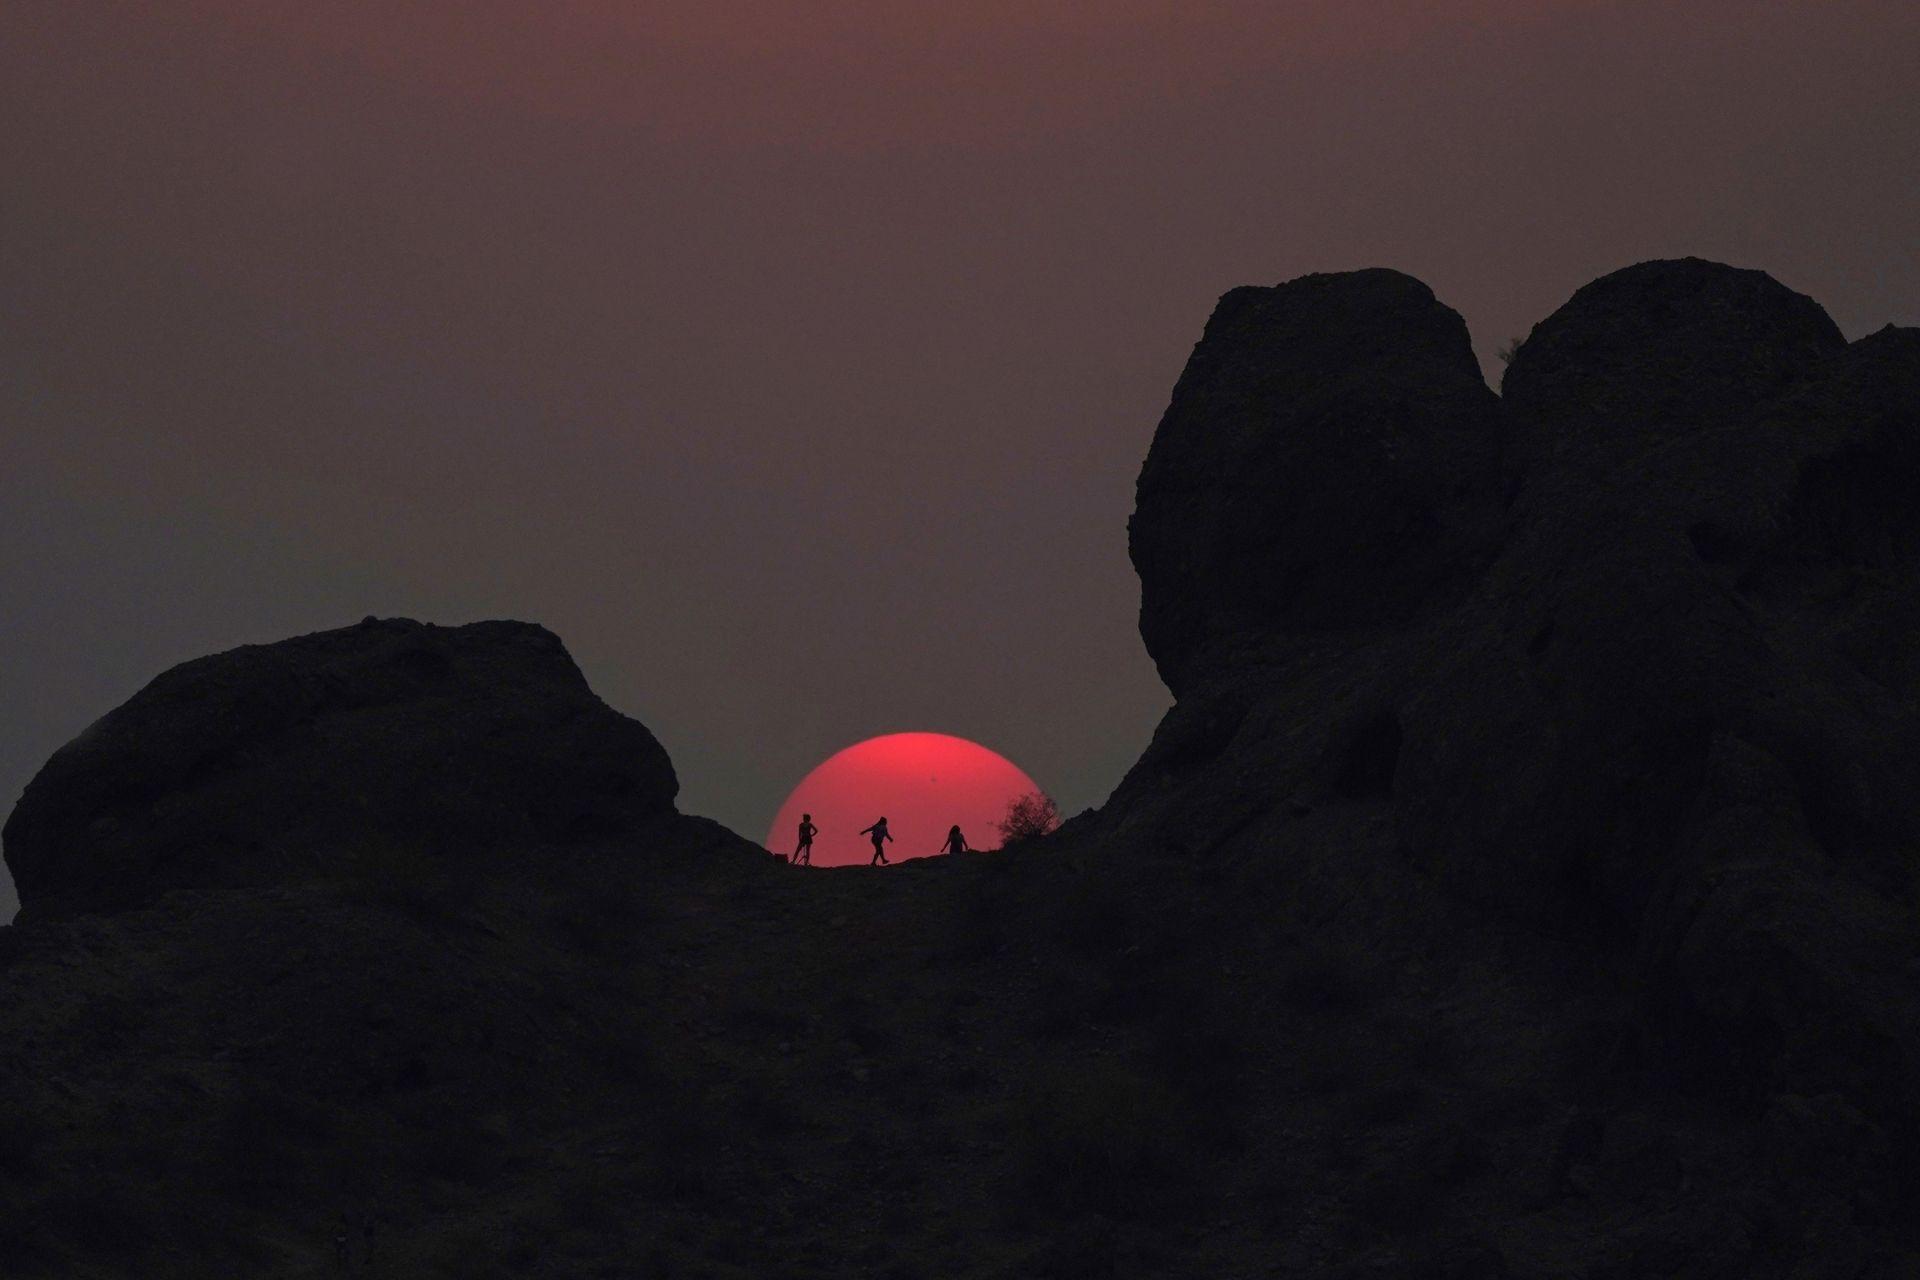 12 юни 2021 г. - Туристи наблюдават залеза в Папаго Парк, Финикс, по време на горещата вълна с температури до 46 градуса